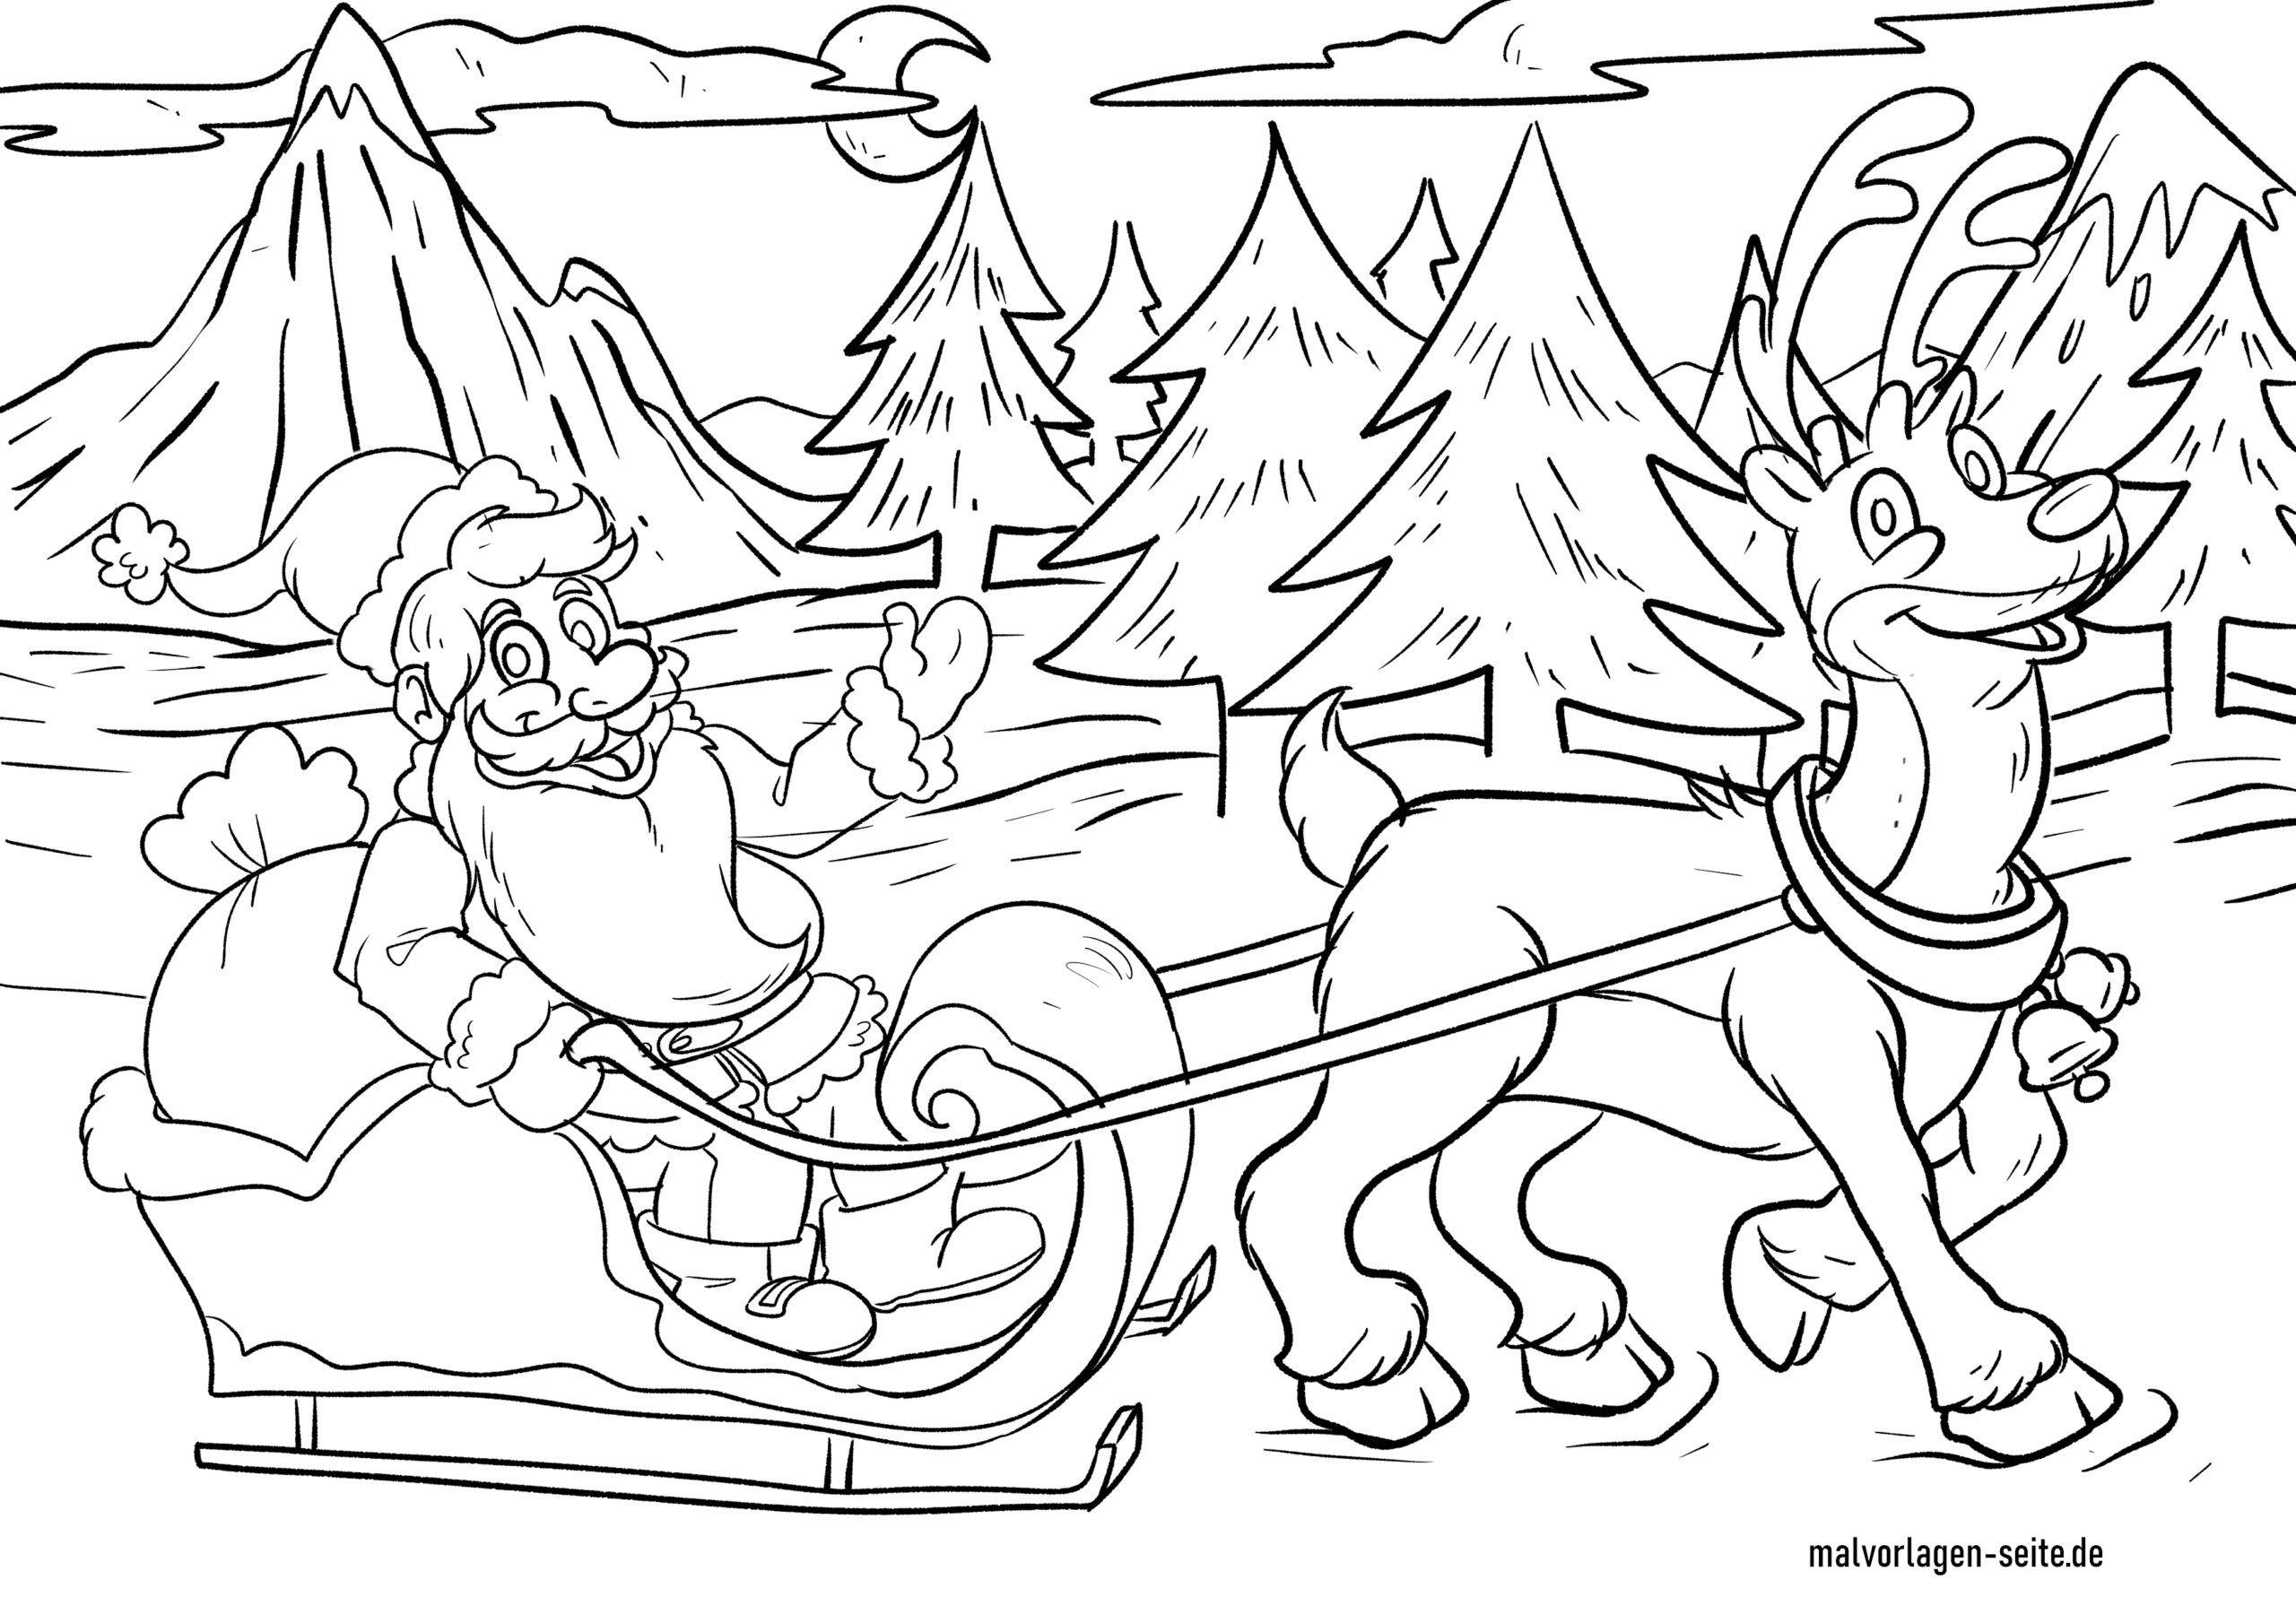 Malvorlage Weihnachtsmann Mit Rentier   Weihnachten ganzes Malvorlage Weihnachtsmann